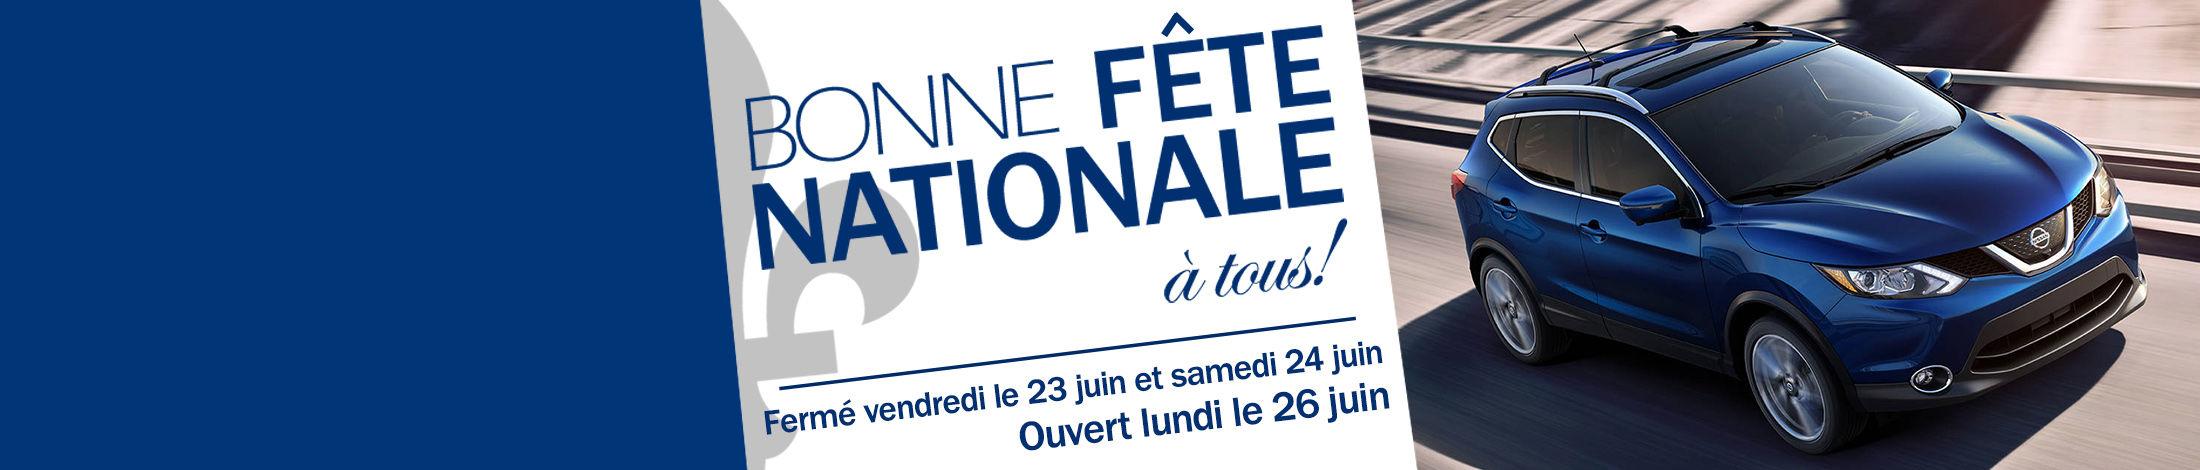 Fete Nationale LN